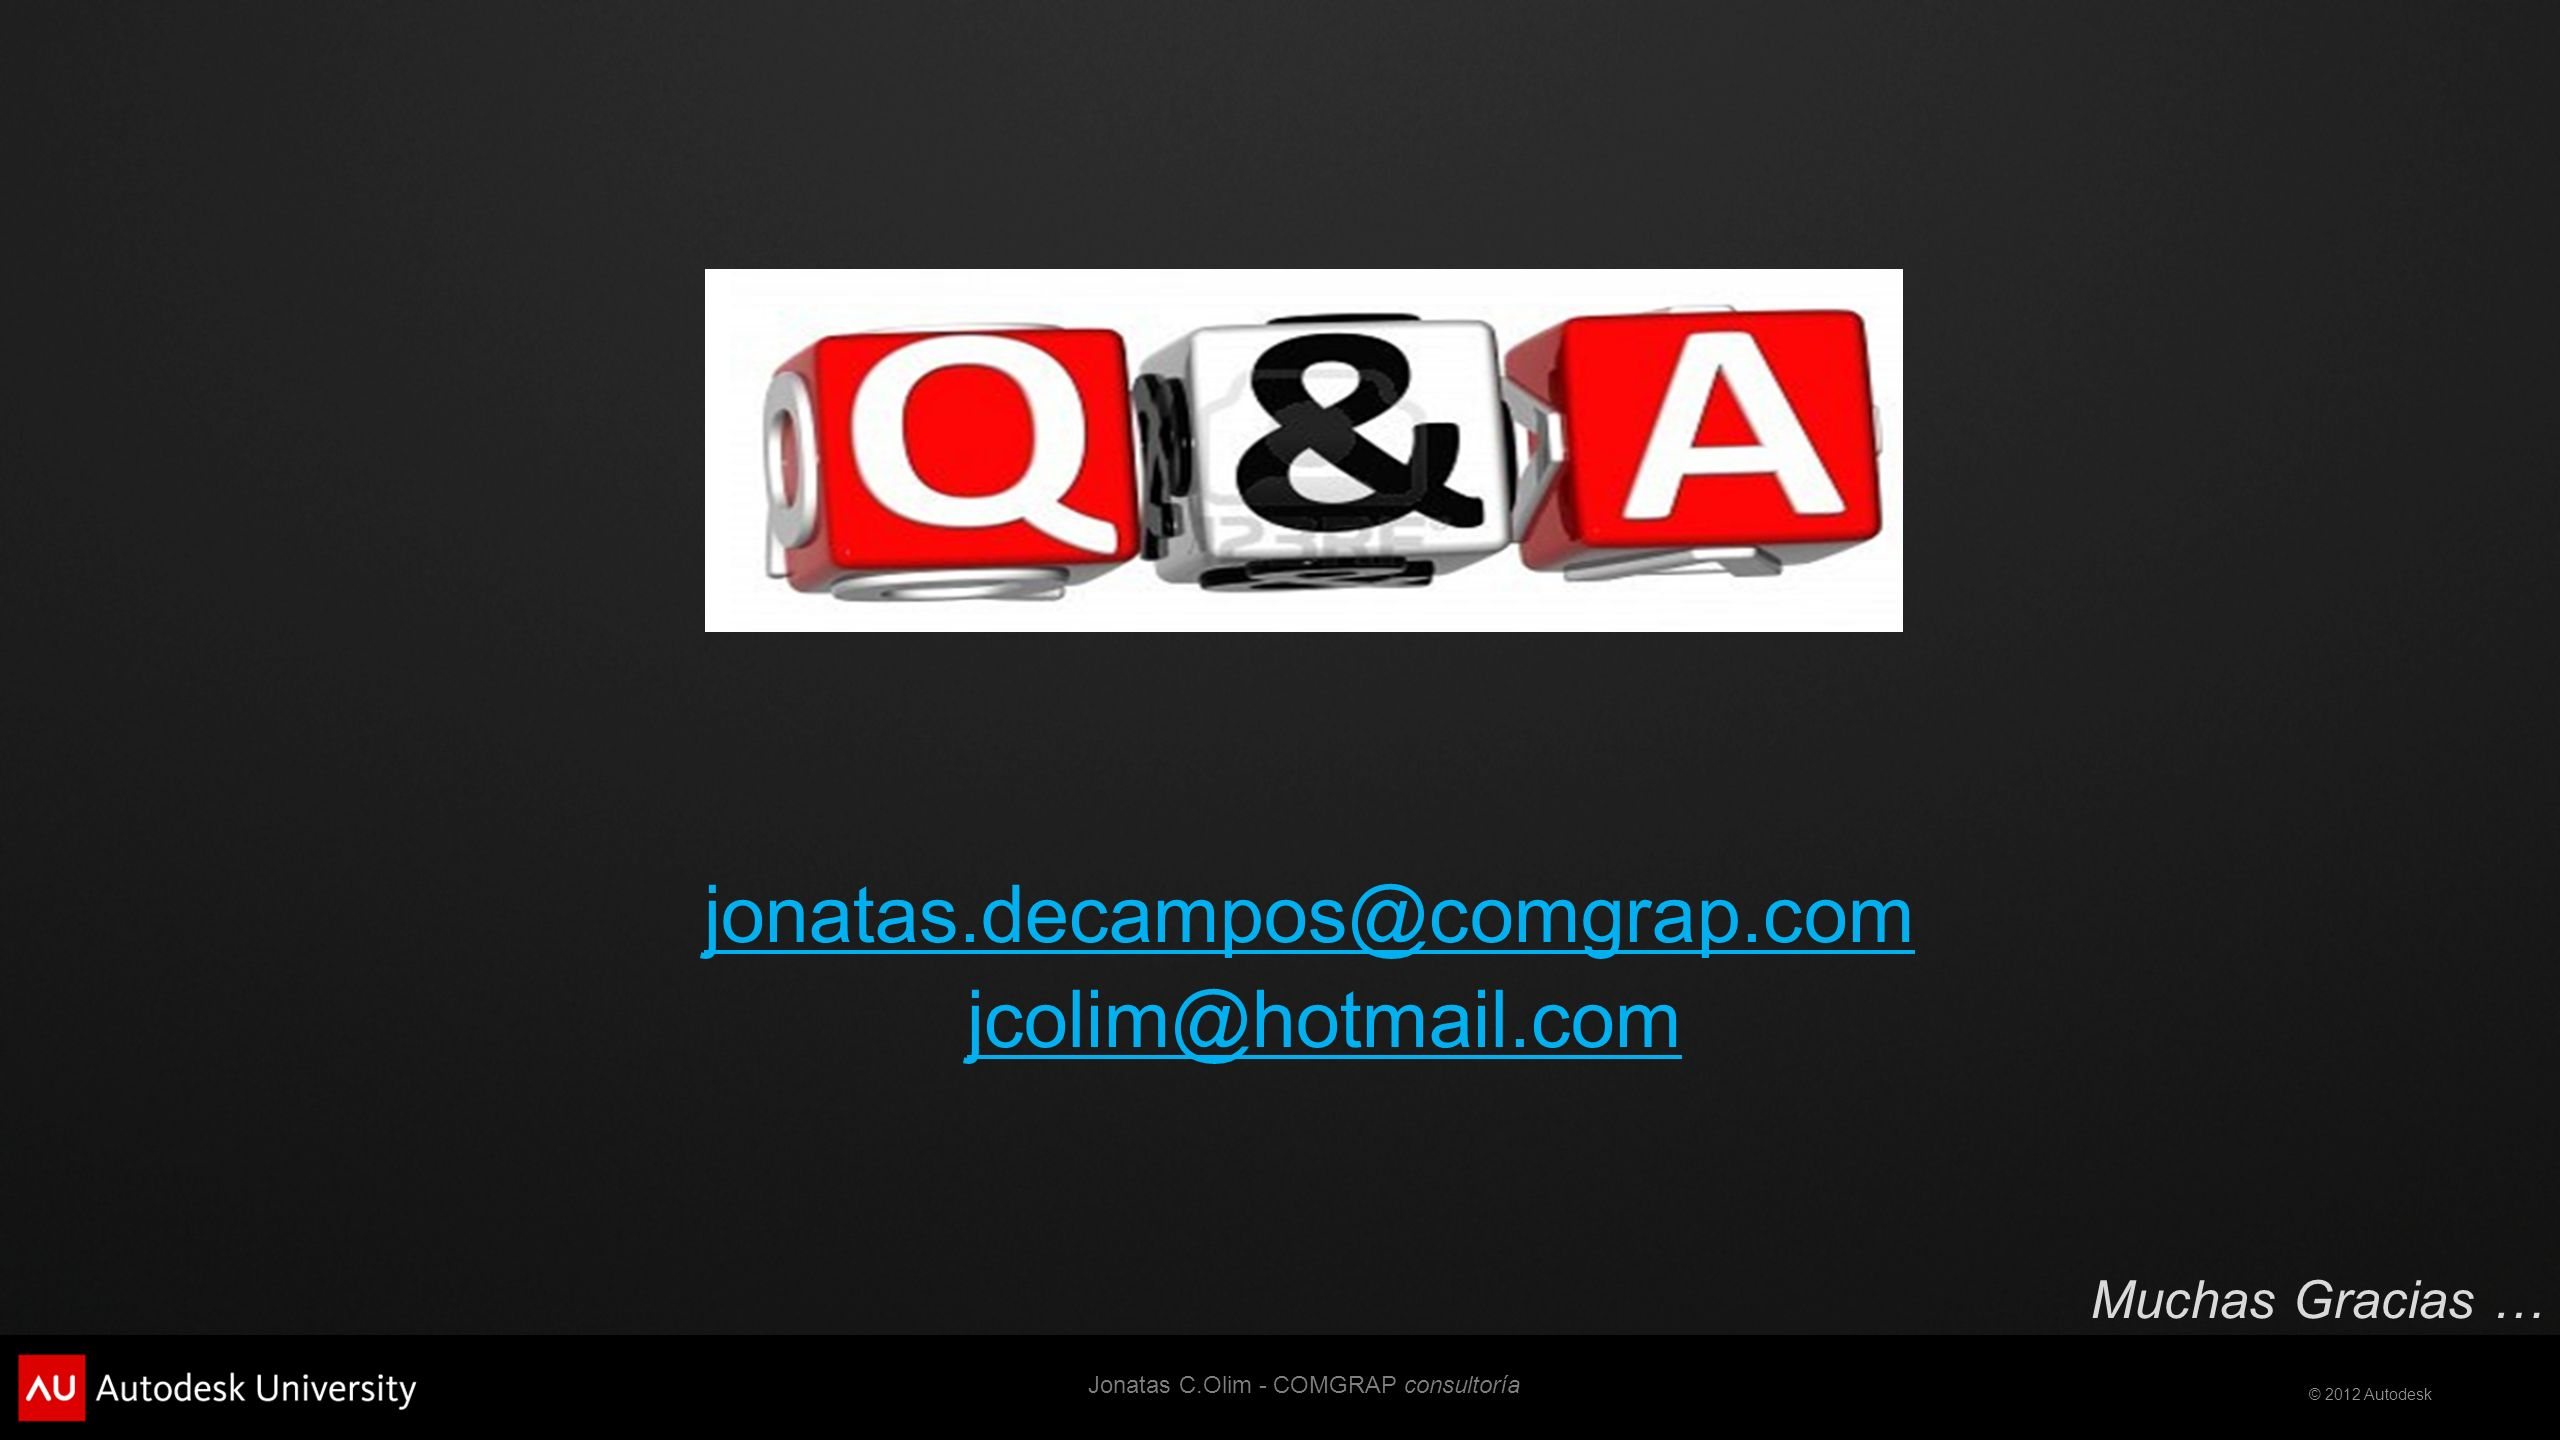 Jonatas C.Olim - COMGRAP consultoría